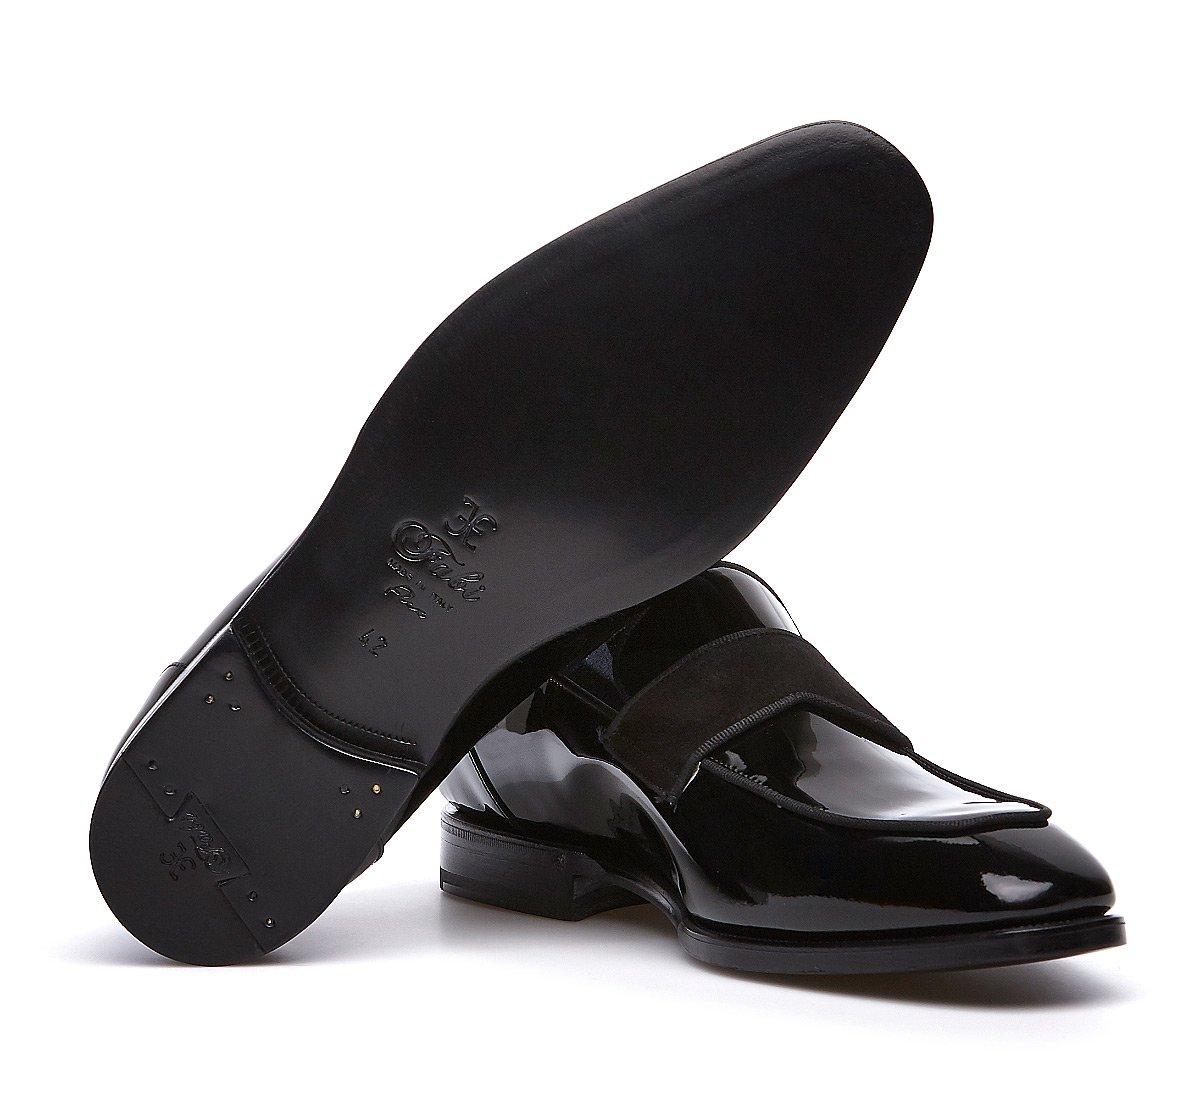 Classic Fabi Flex loafer in kidskin